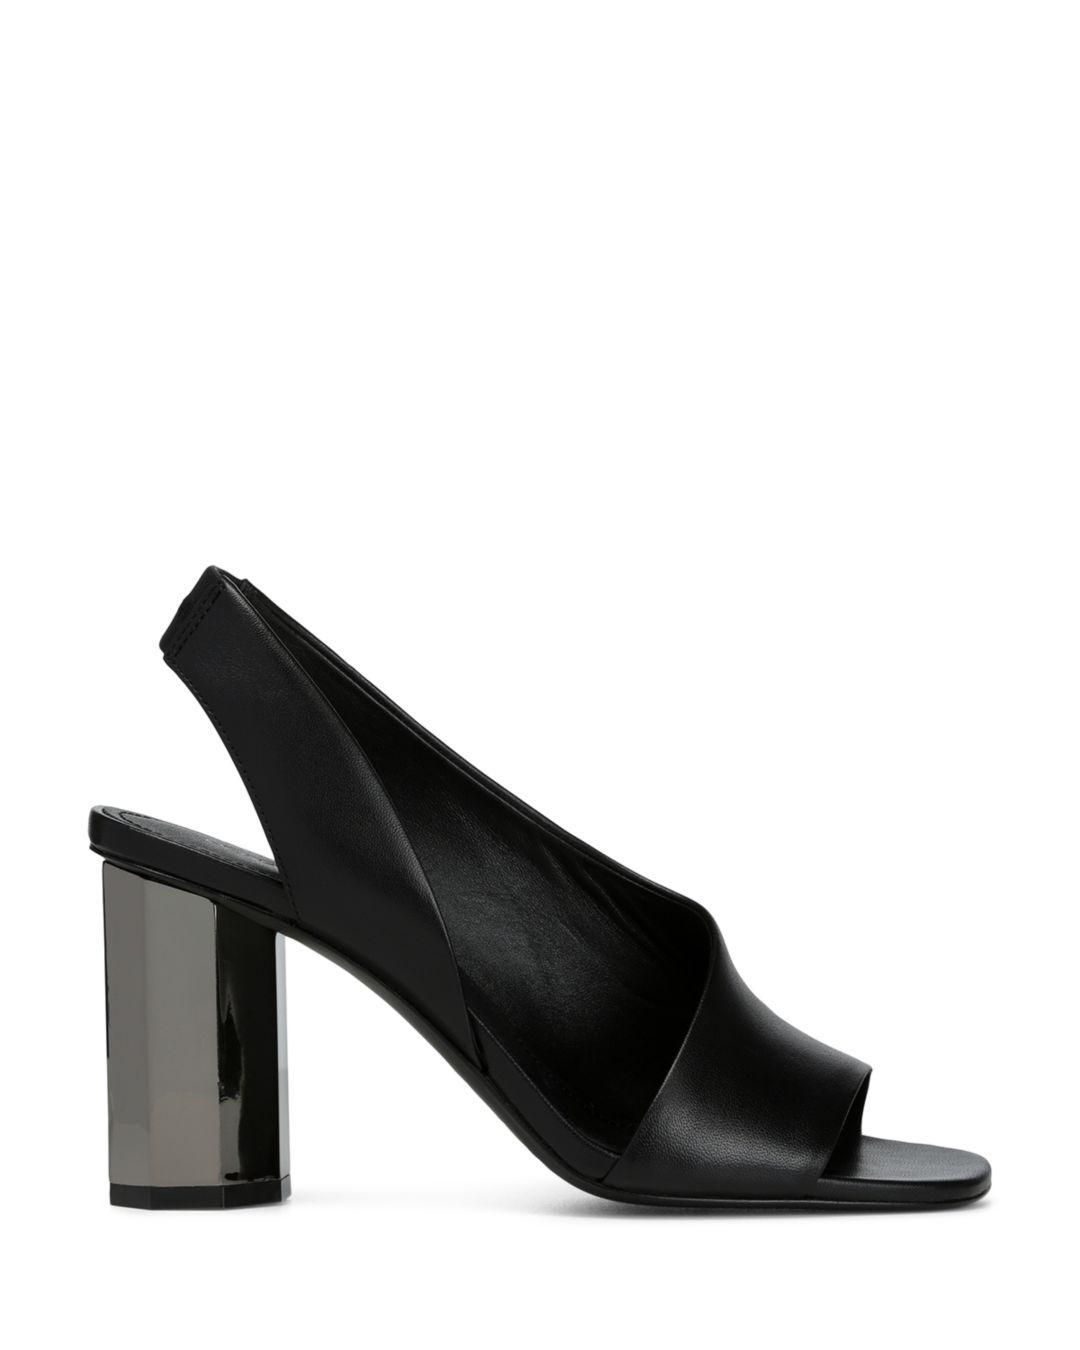 21020ba3c923 Lyst - Donald J Pliner Ella Leather Sandal in Black - Save  26.92307692307692%